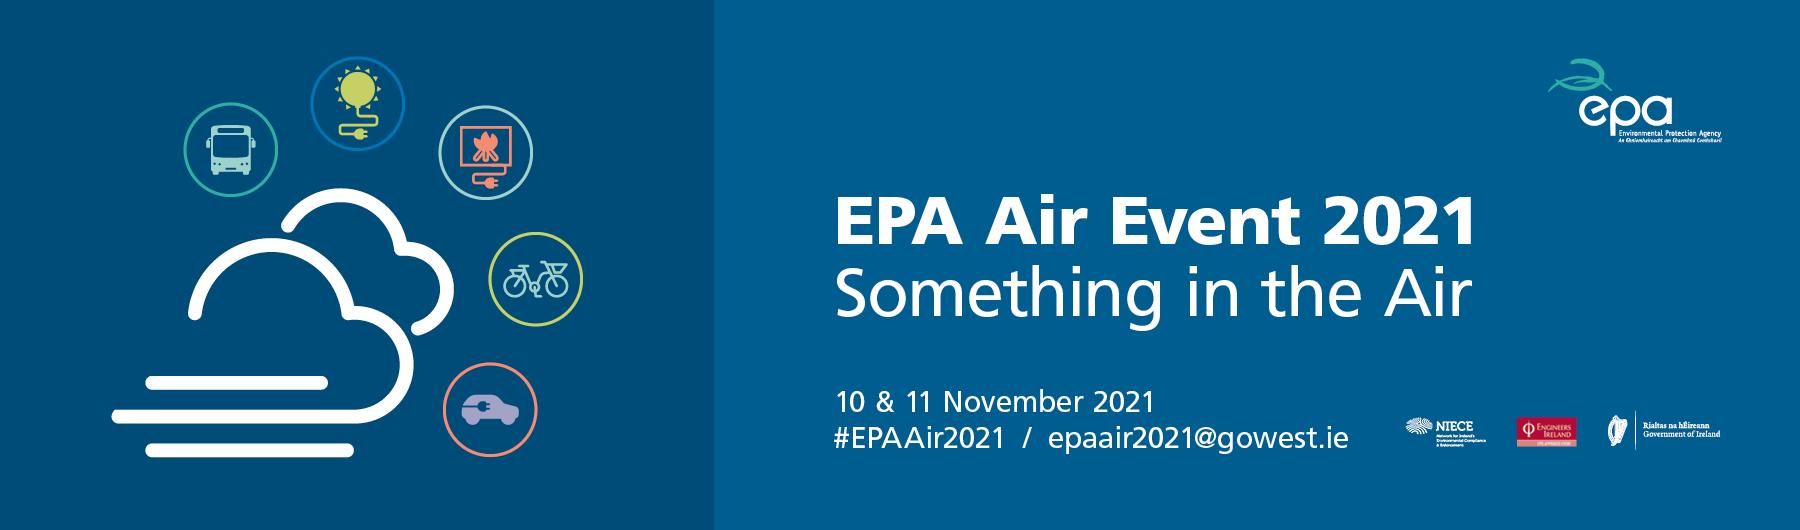 EPA Air Event 2021